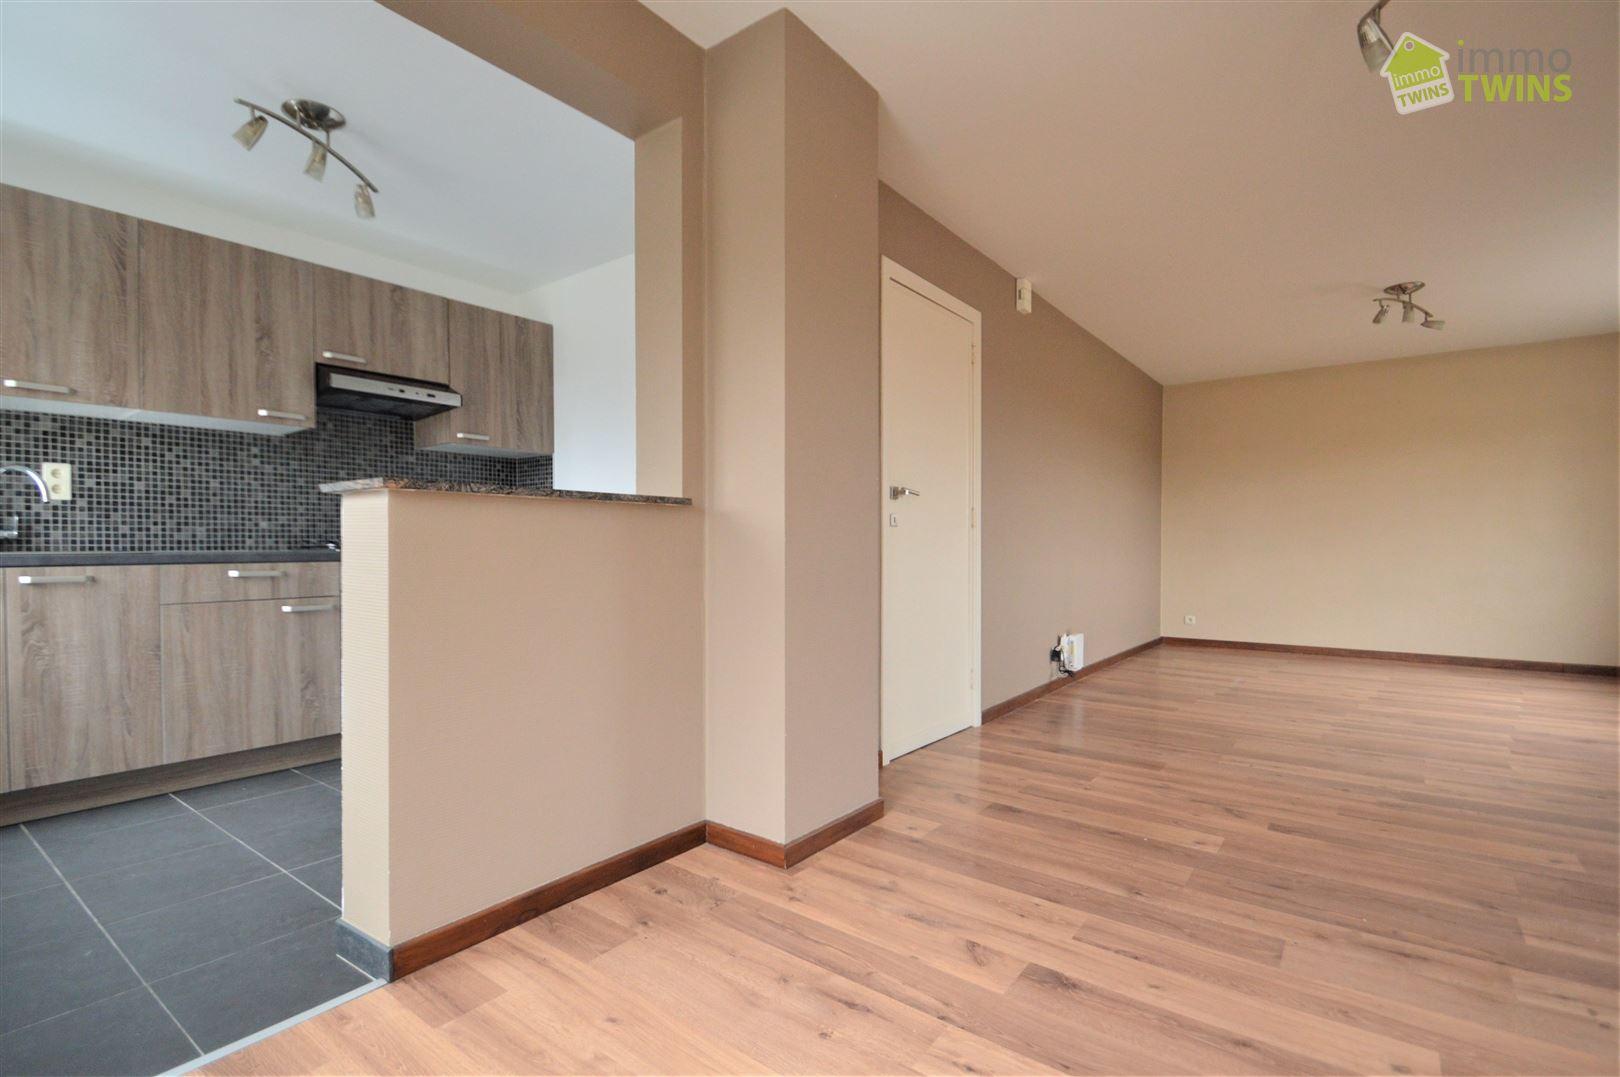 Foto 6 : Appartement te 9255 Buggenhout (België) - Prijs € 630